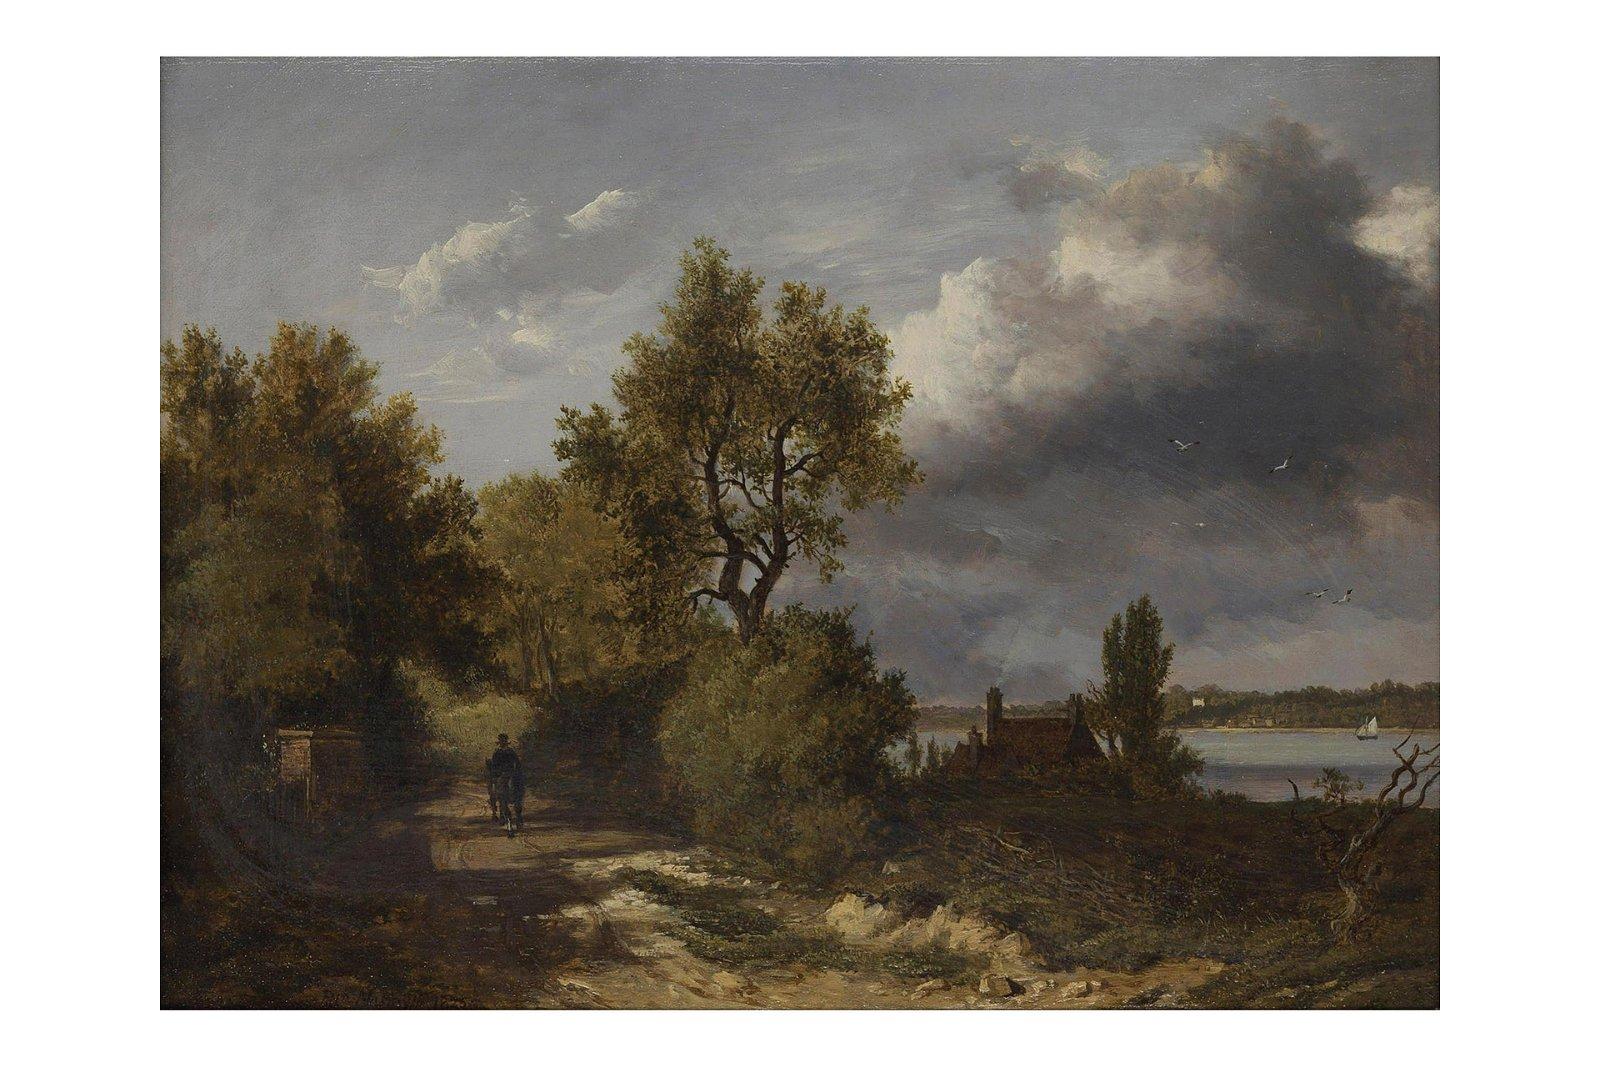 Patrick Nasmyth (Edinburgh 1787-1831 London)